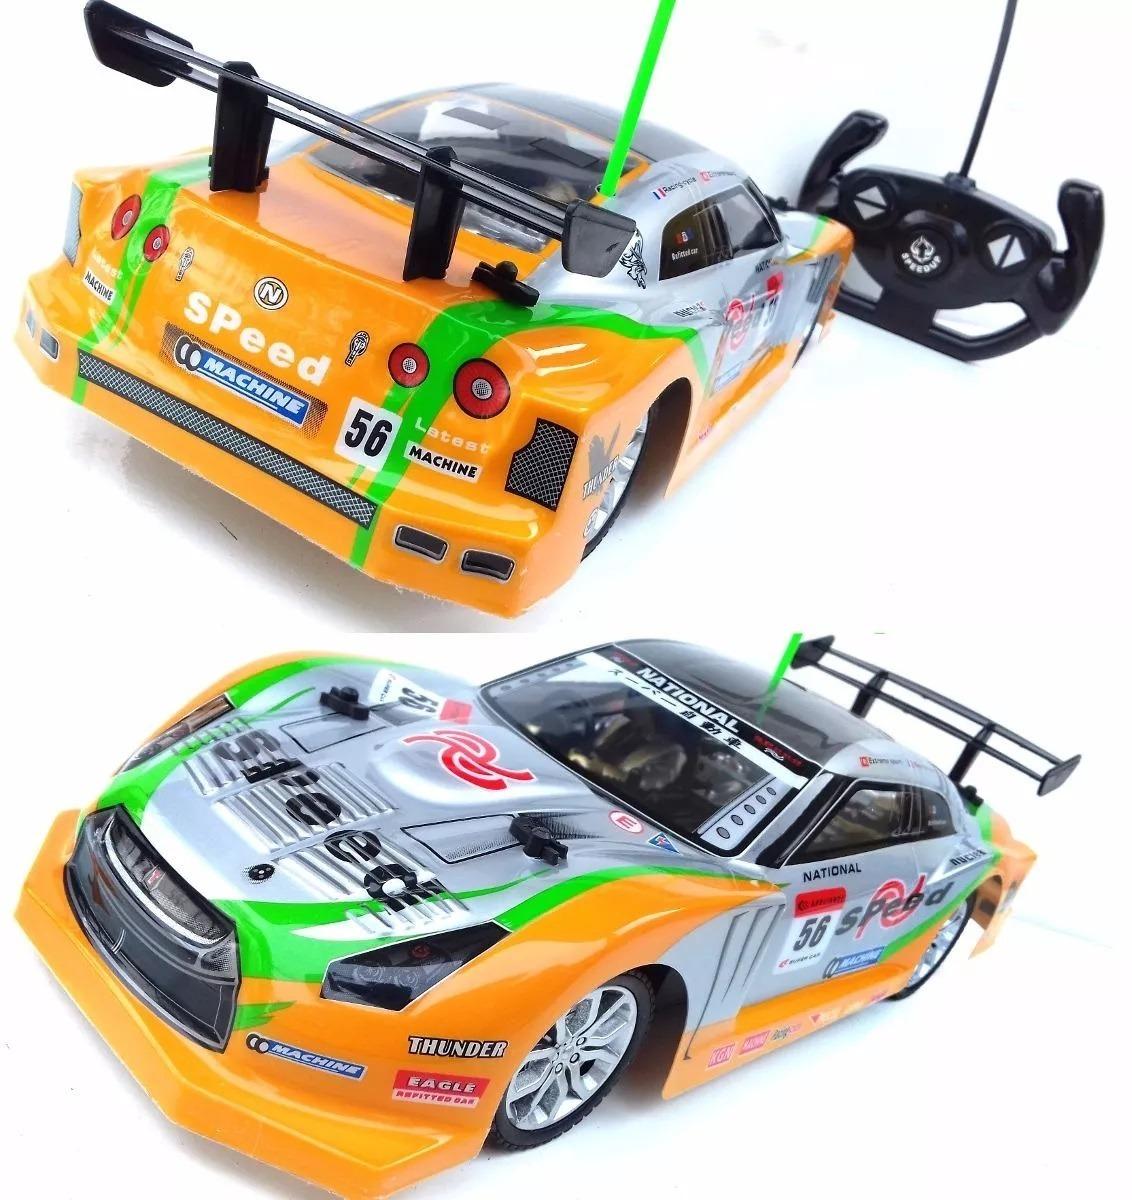 8e92ec4280d Carrinho Controle Remoto Drift Speed Art Brink Damadores